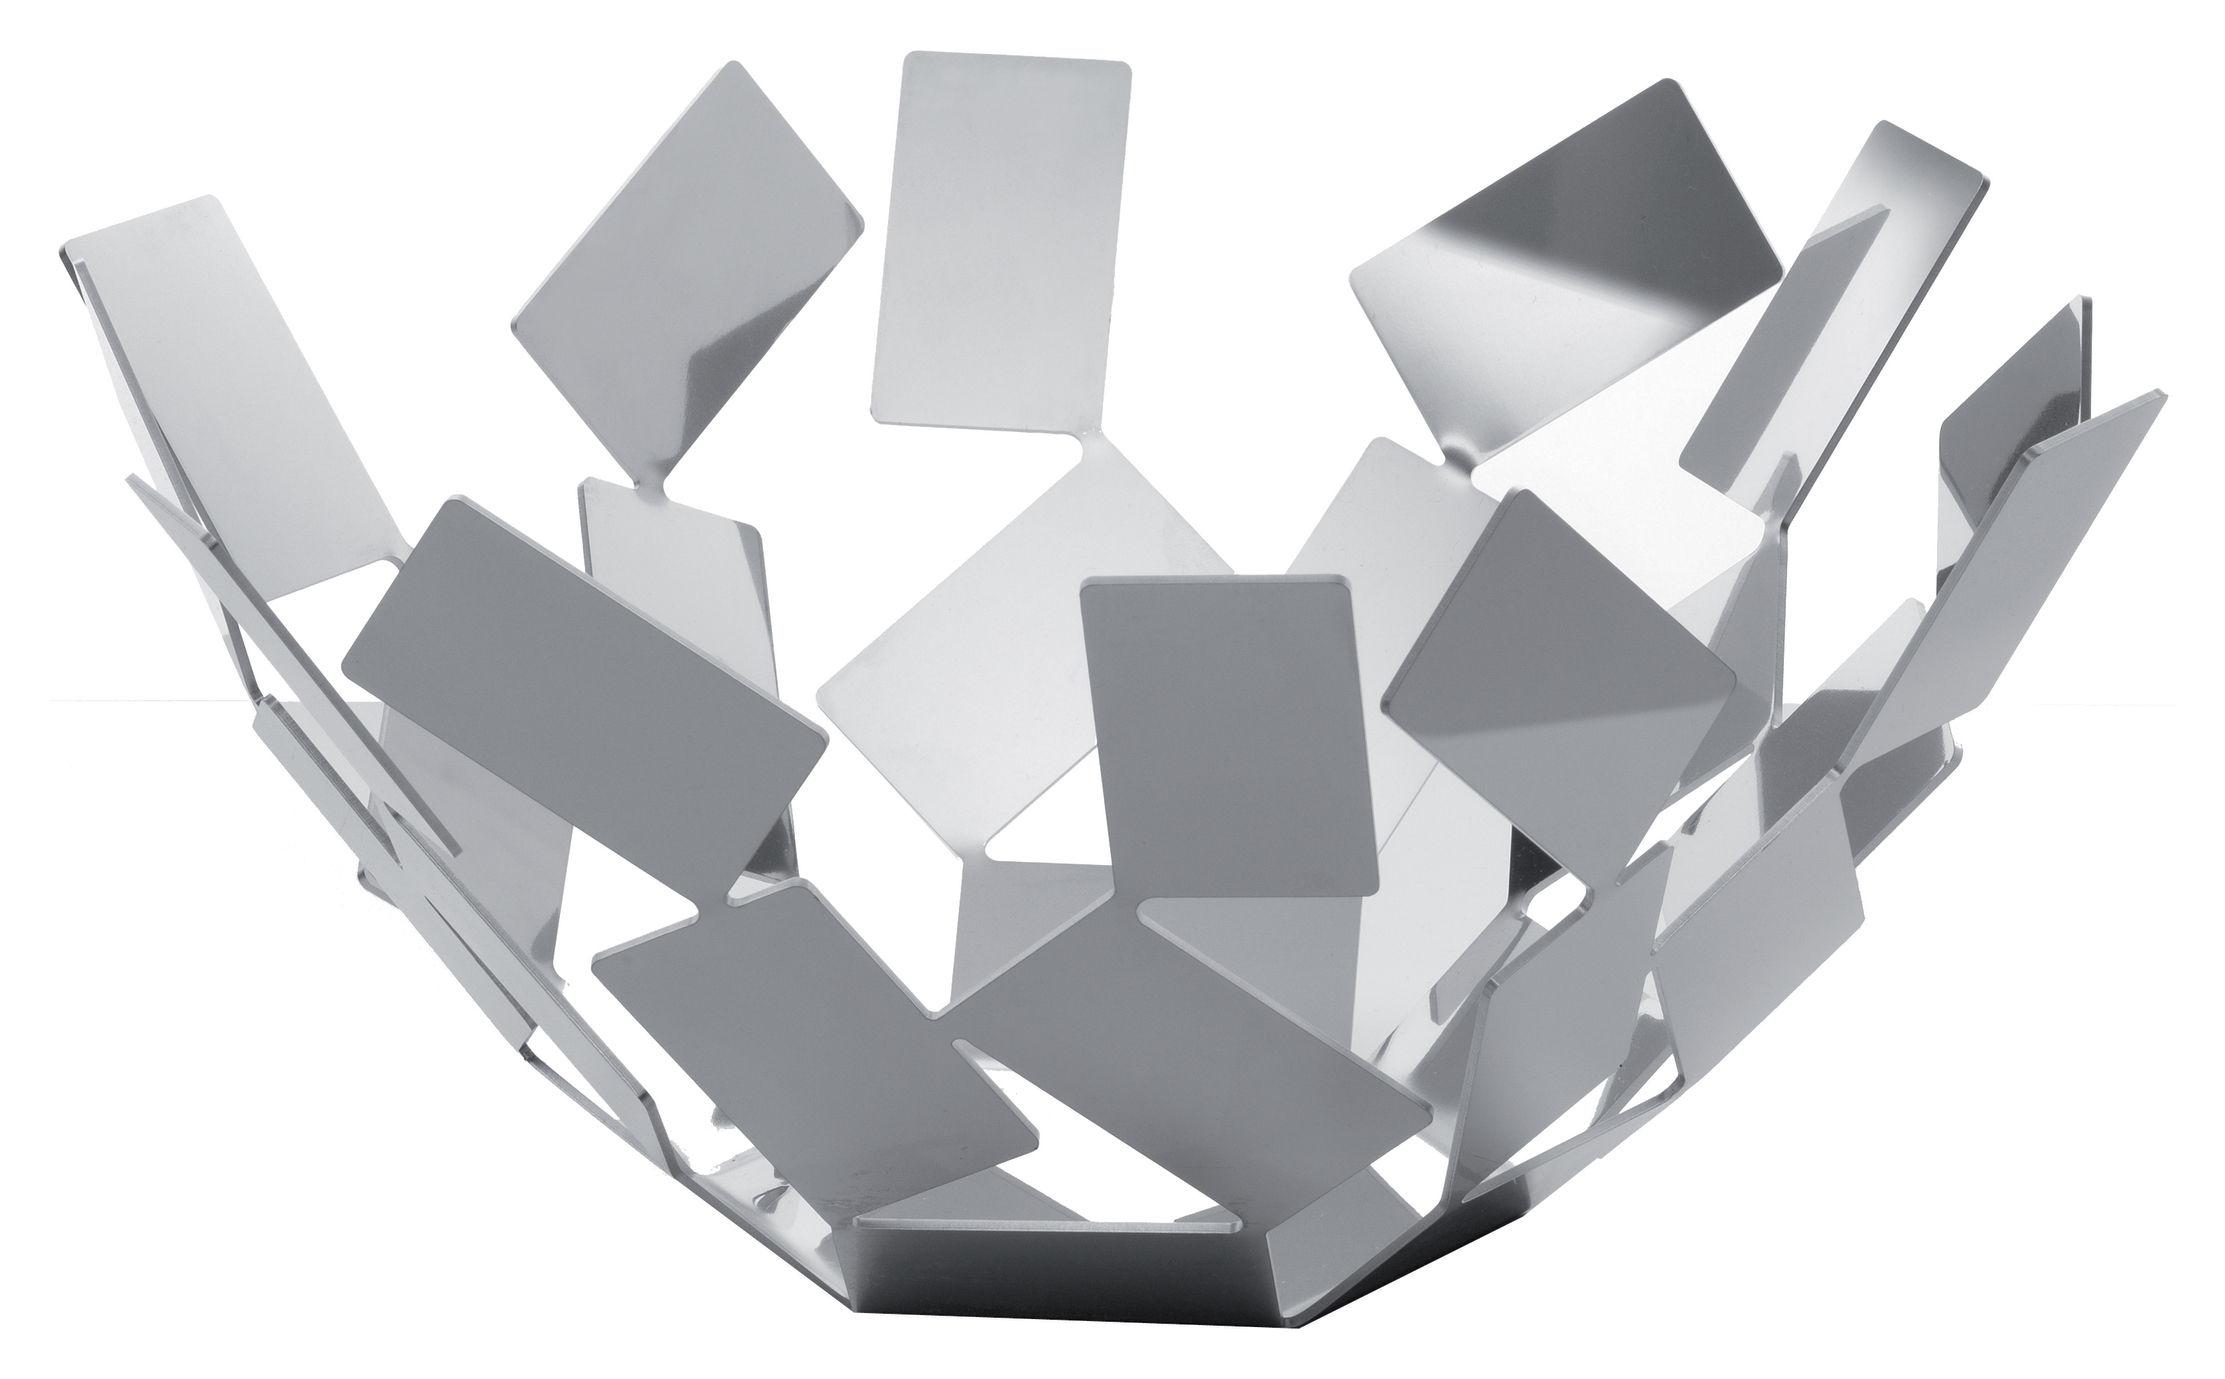 Accessoires - Accessoires für das Bad - La Stanza dello Scirocco Korb Ø 27 cm x H 13 cm - Alessi - Stahl poliert - polierter rostfreier Stahl